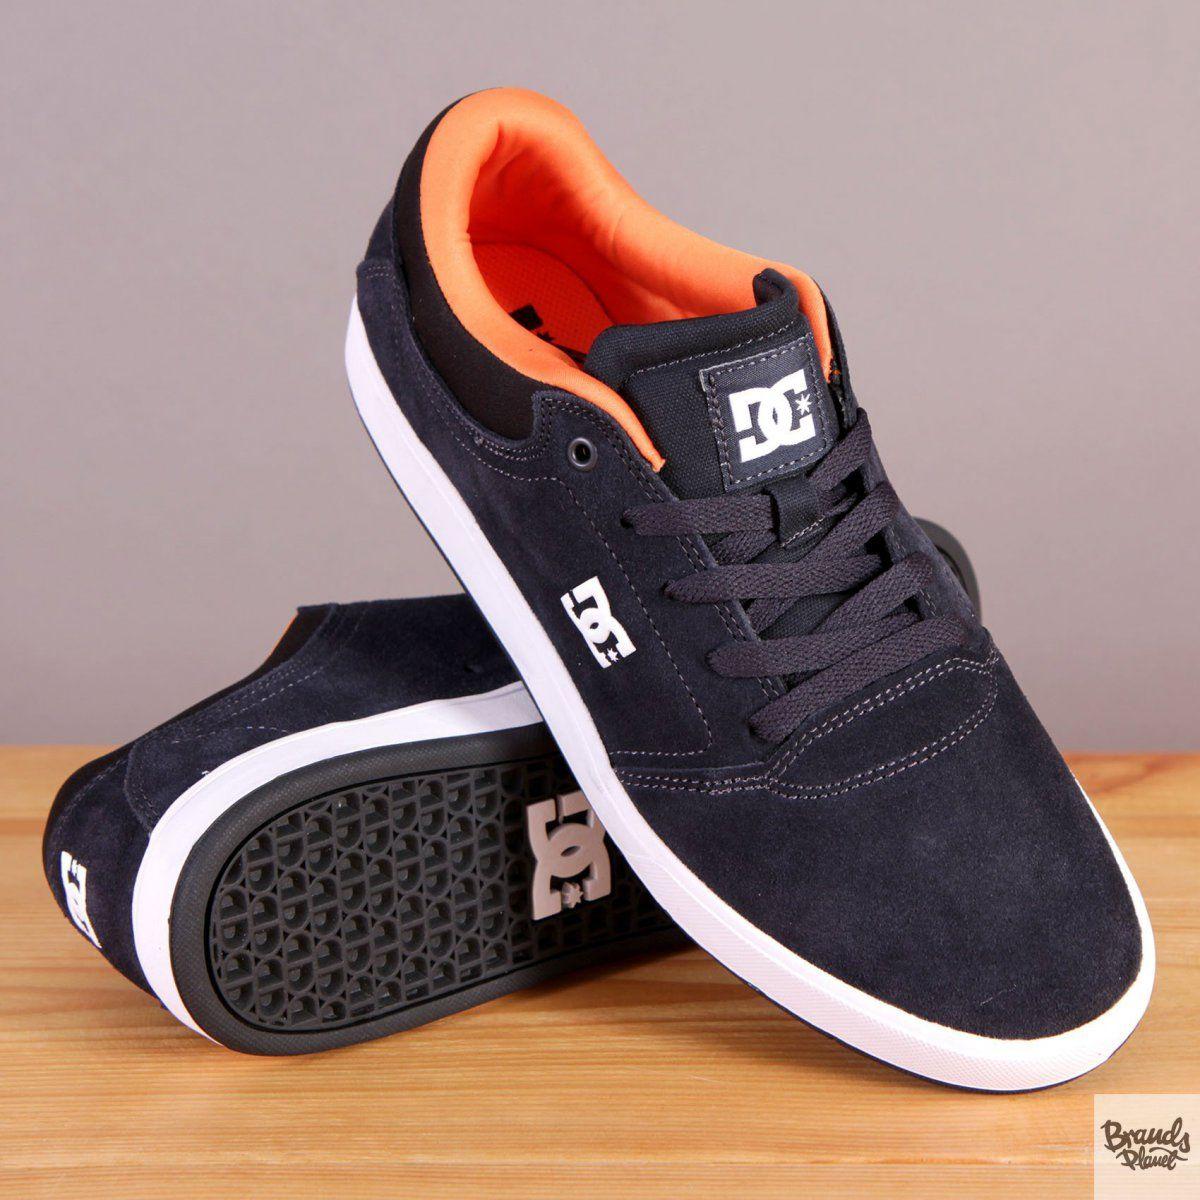 Brandsplanet Pl Mens Shoes Sneakers Dc Shoes Shoes